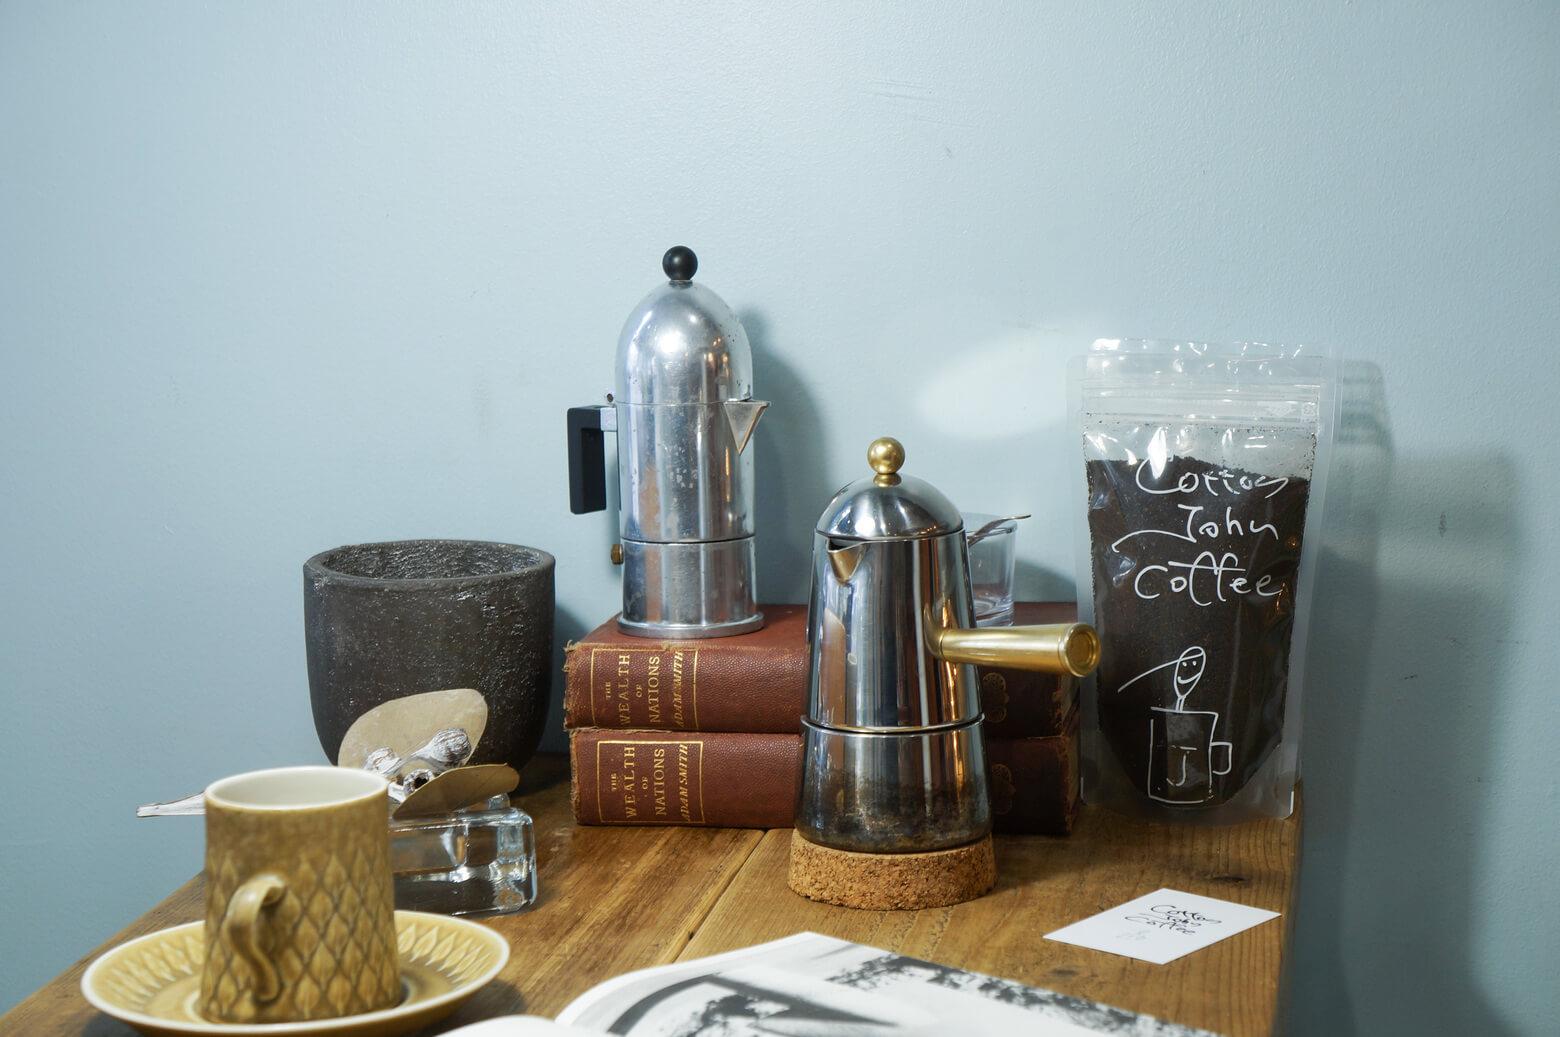 Italy Modern Design Macchinetta Espresso Maker/イタリア モダン デザイン マキネッタ エスプレッソメーカー キッチン雑貨